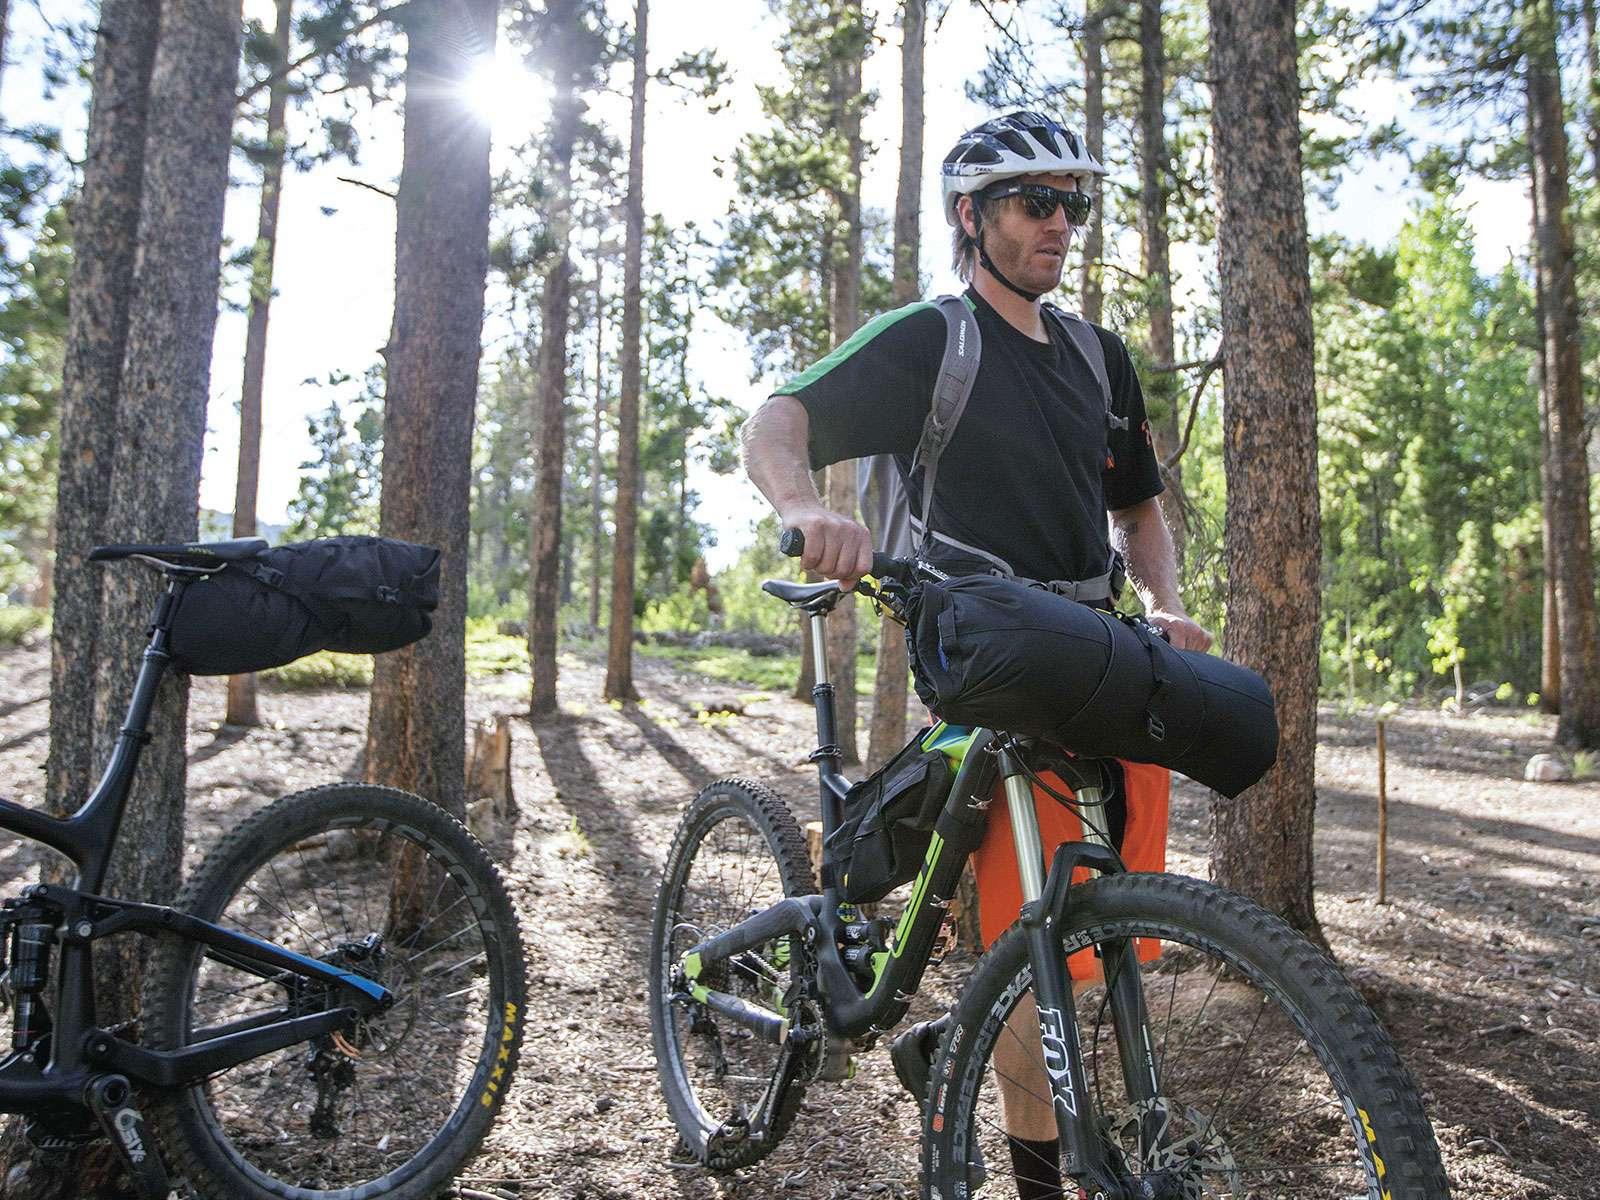 Topeak bikepacking